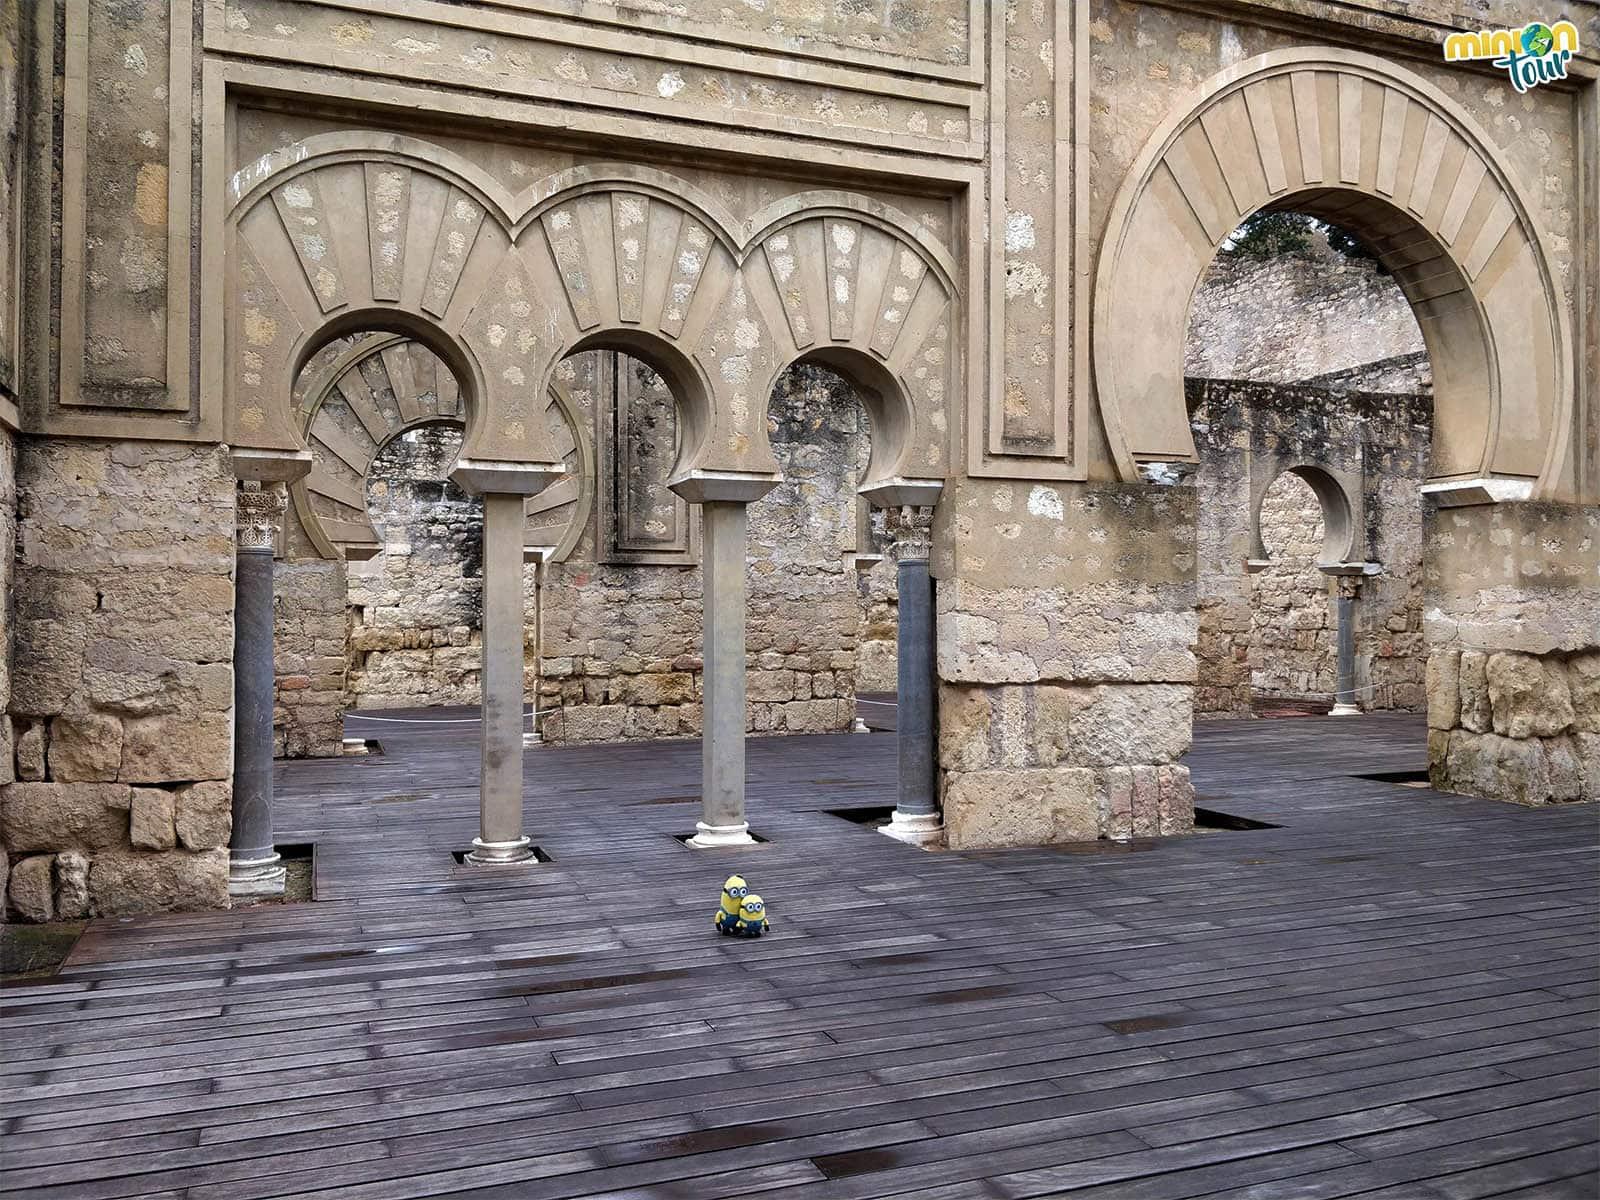 Edificio basilical de Medina Azahara